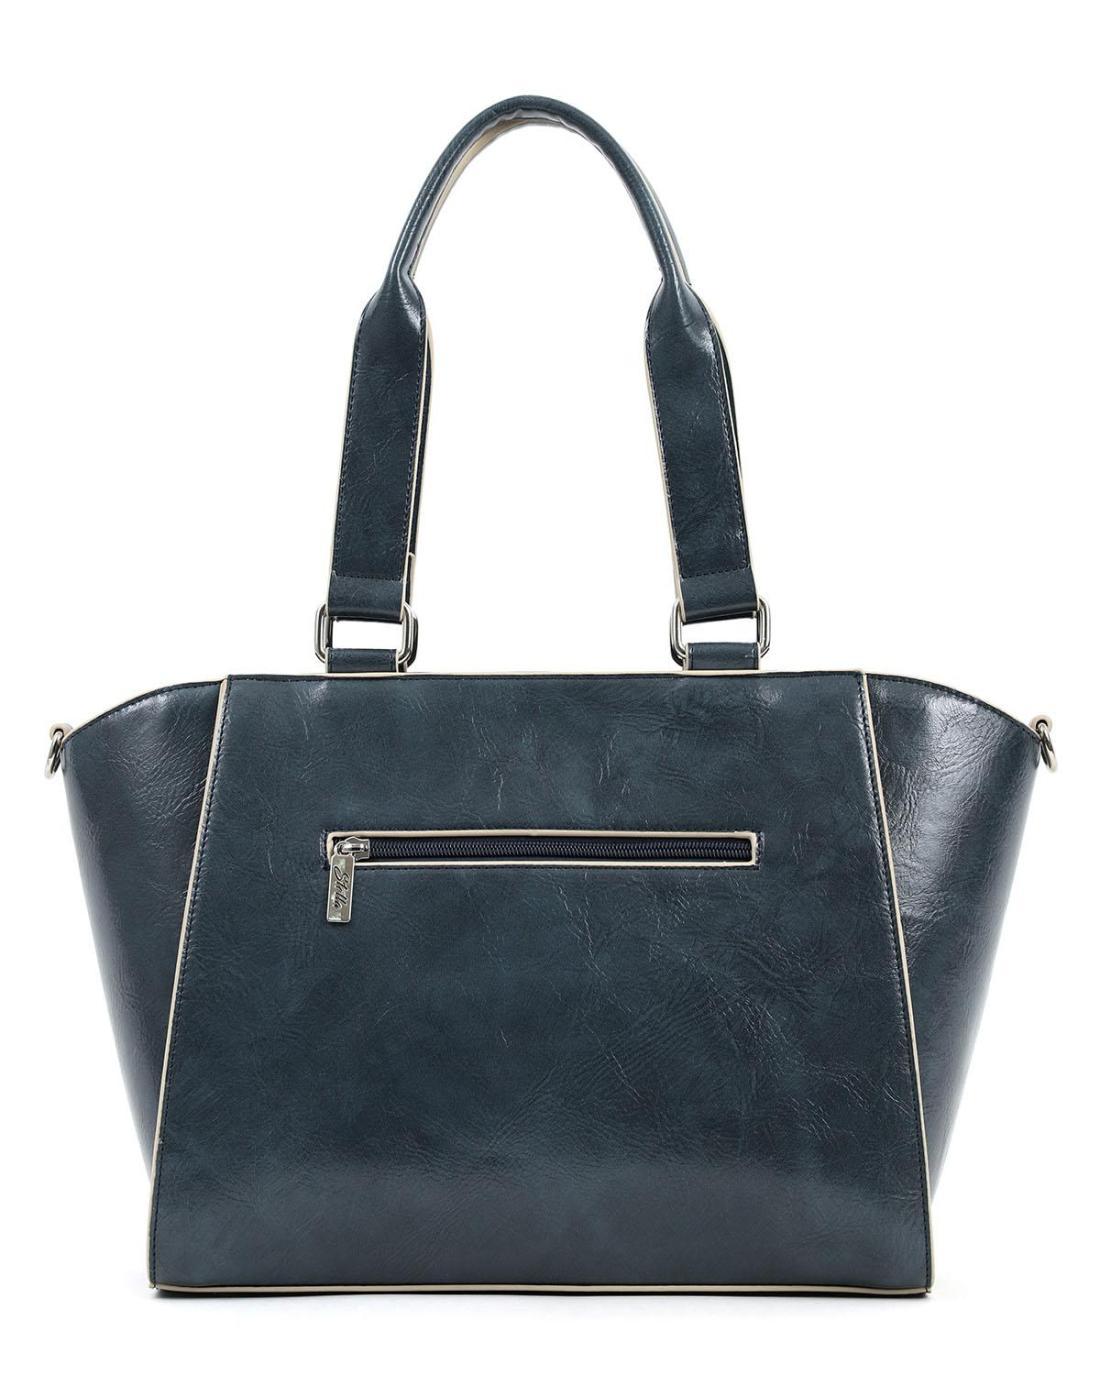 Καθημερινή τσάντα ώμου μπλε